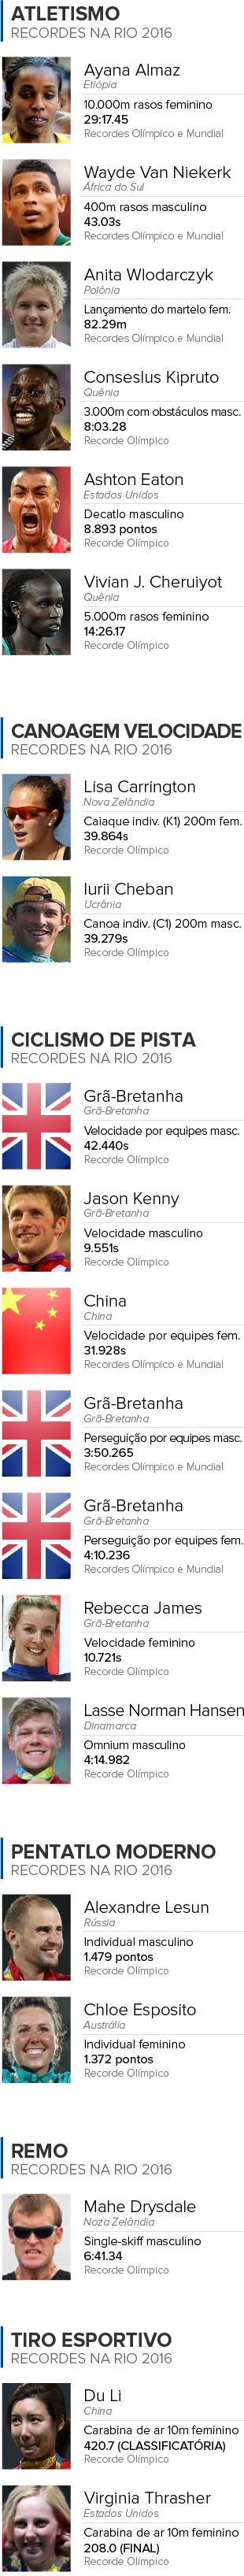 Info-RECORDES-Batidos-na-Olimpiada-02 (Foto: infoesporte)